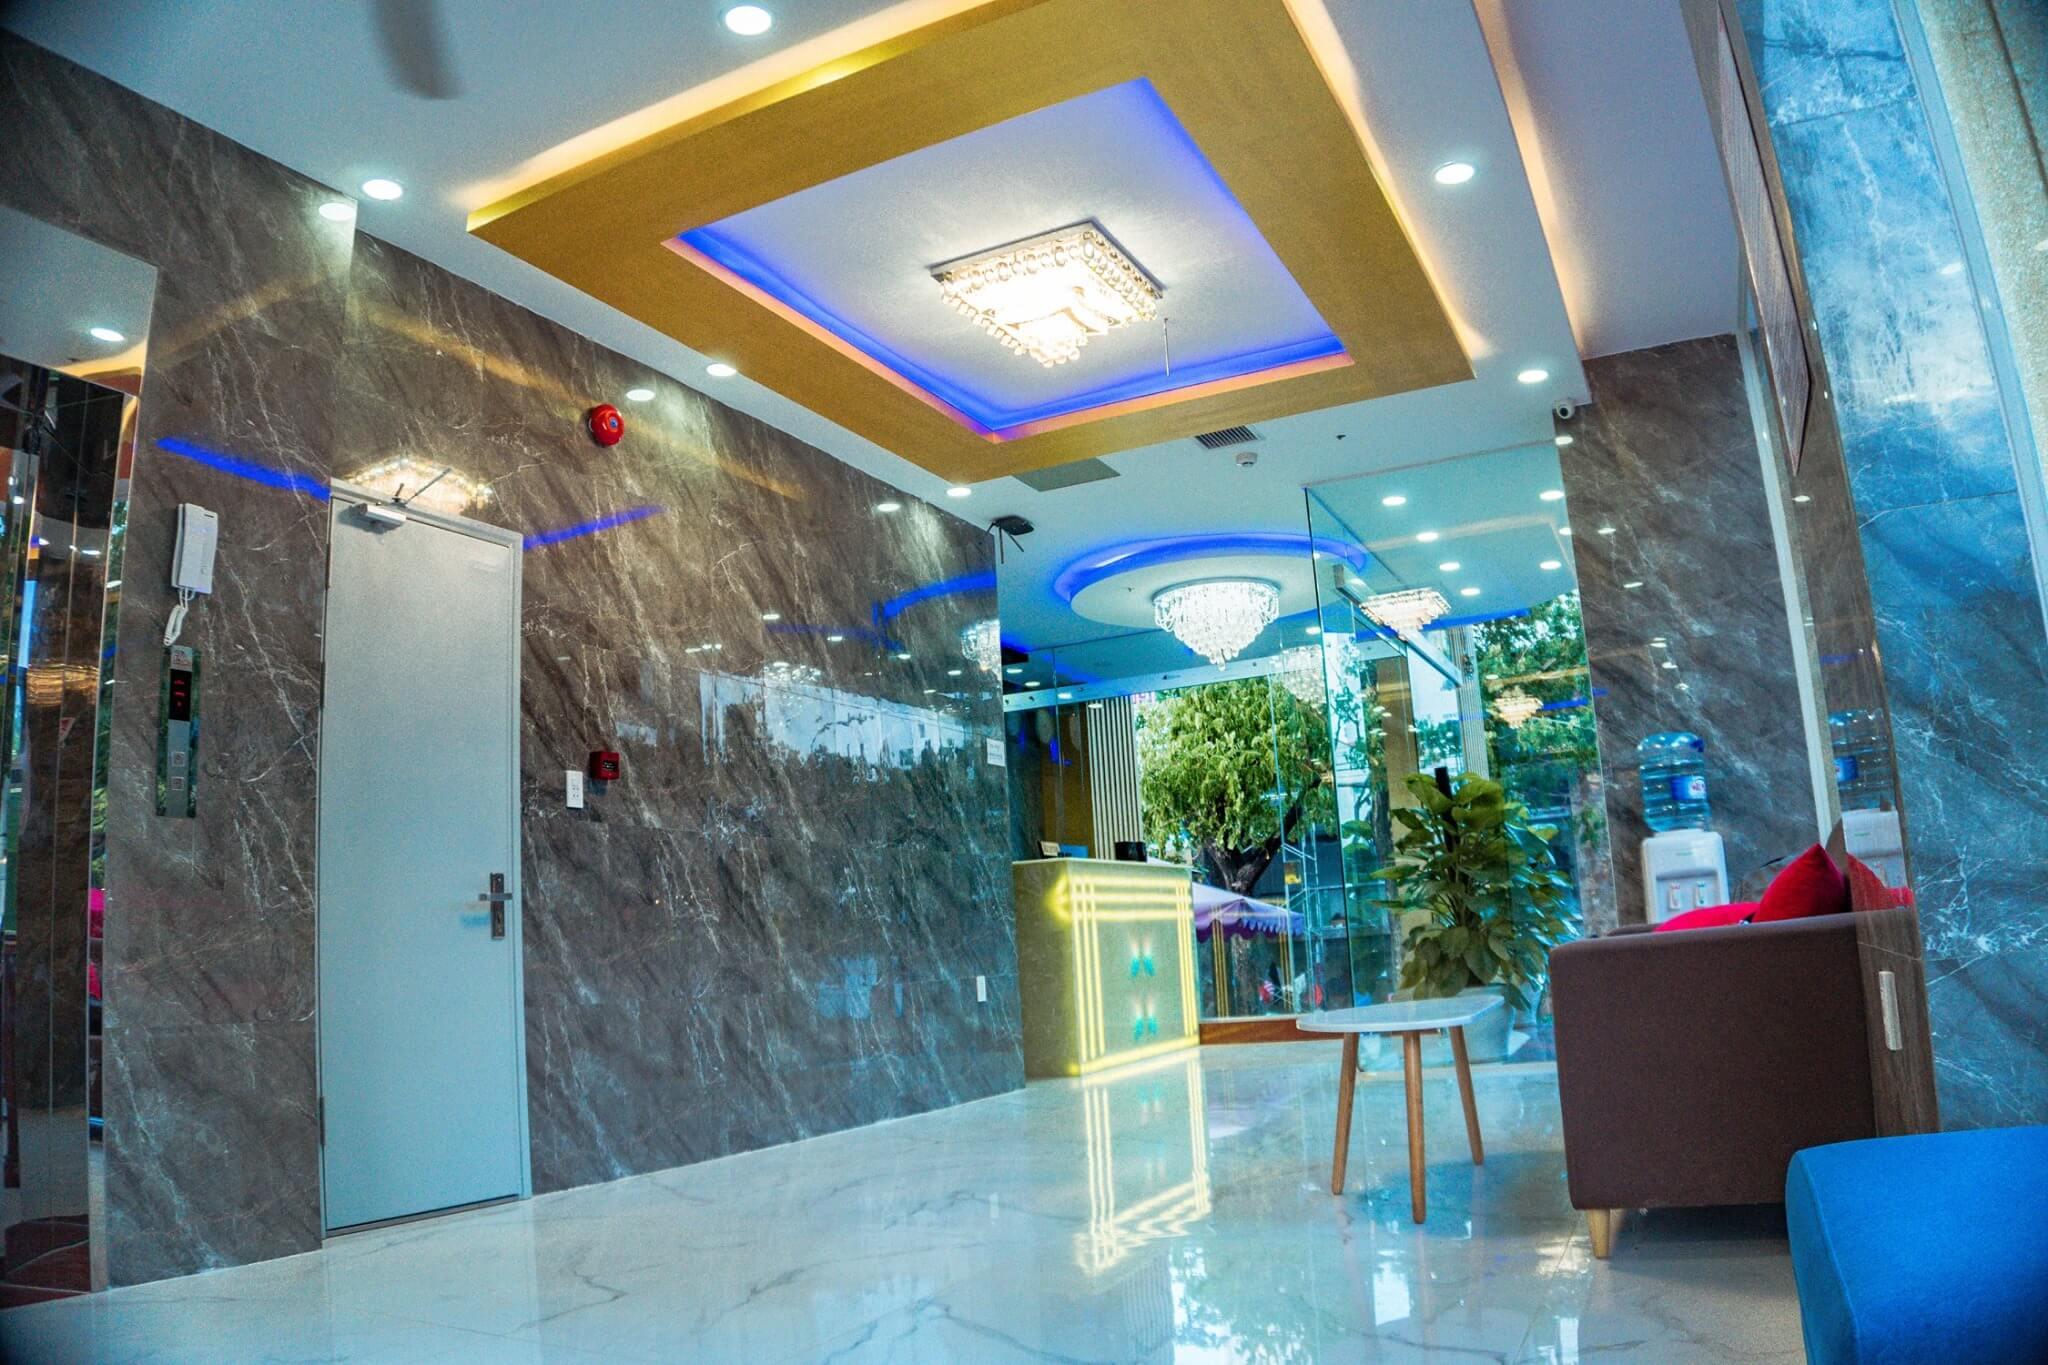 Bán Khách Sạn Tại Đà Nẵng | Trần Minh BĐS